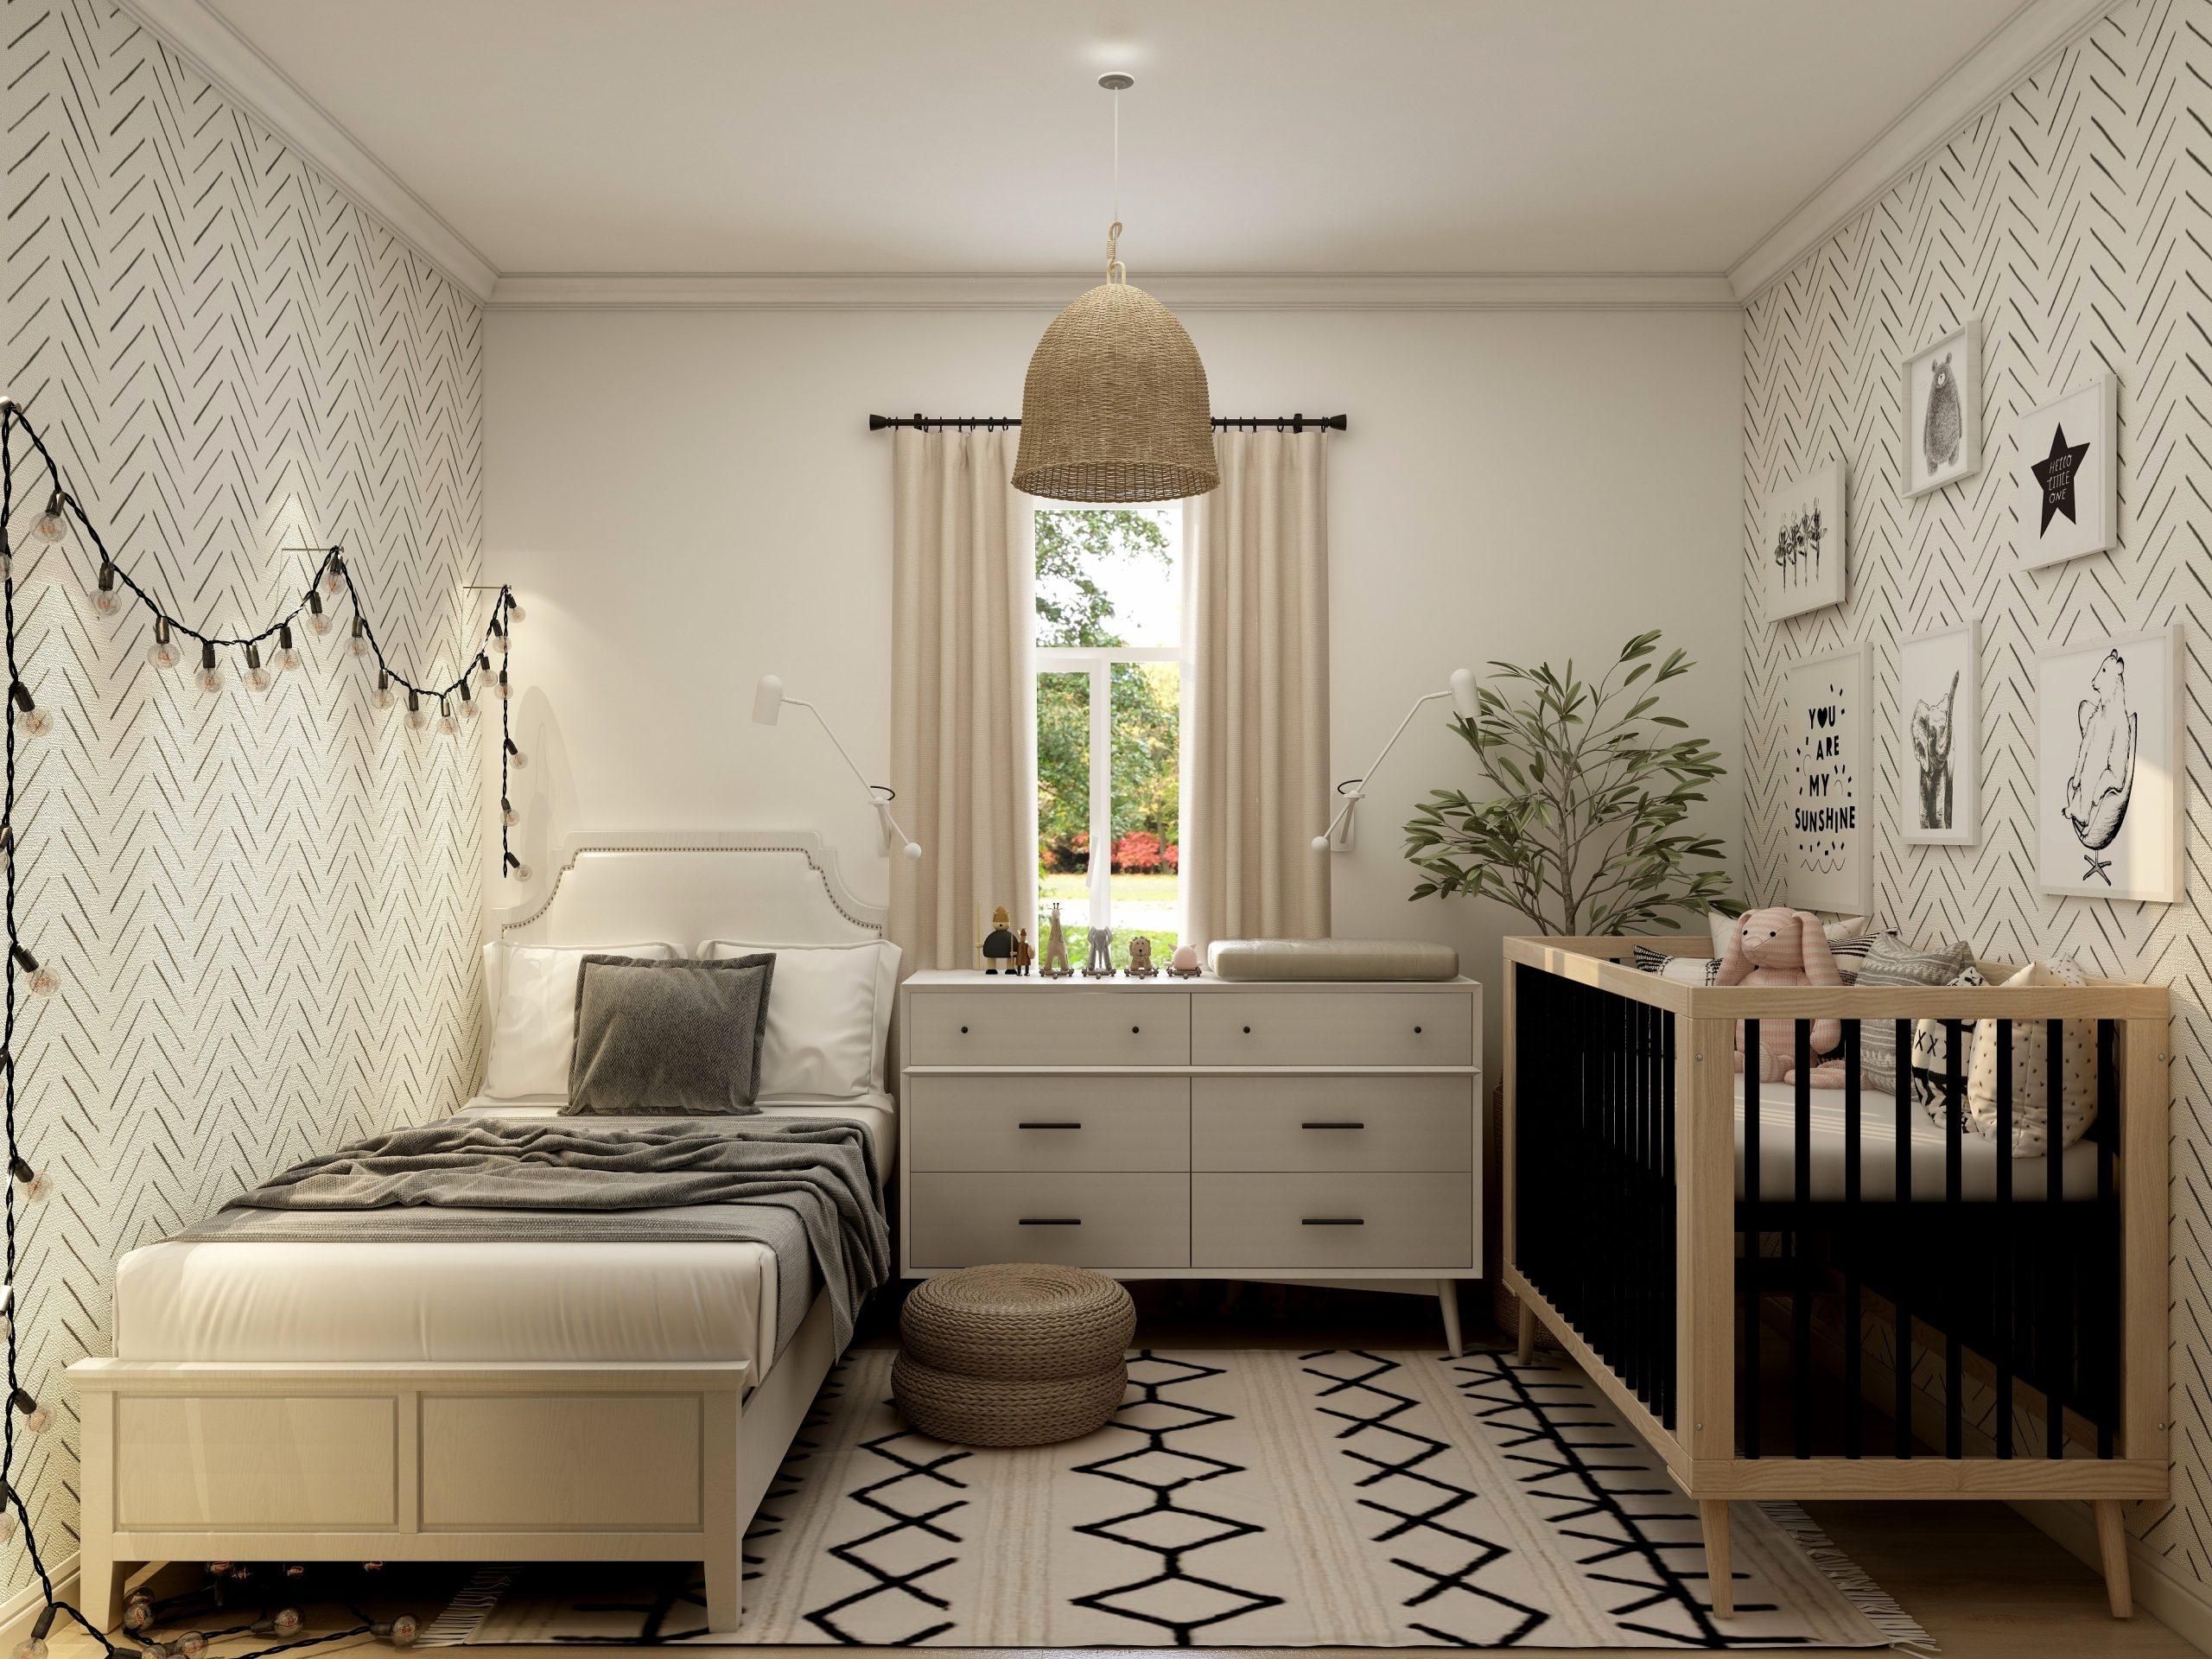 Choisir les meubles d'une chambre pour enfant